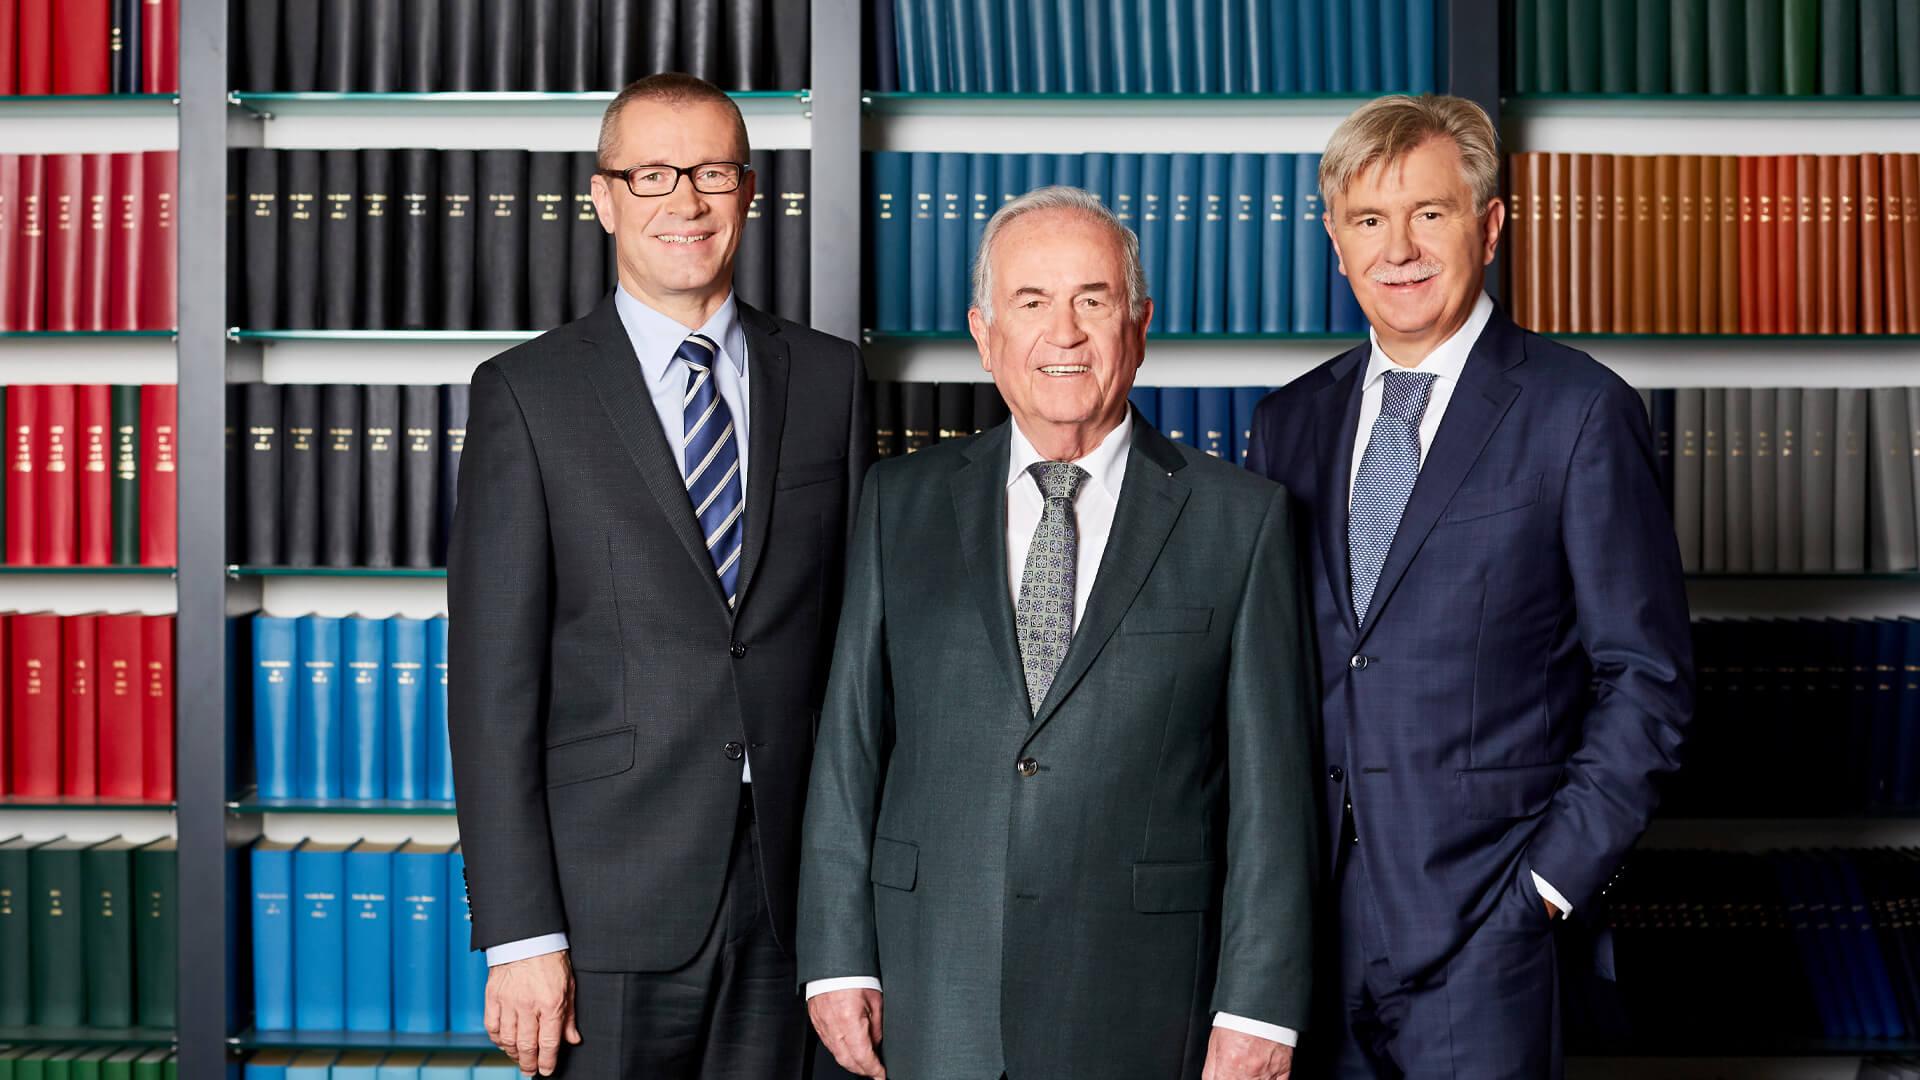 Gründung der Schorr Eggert Kasanmascheff Steuerberatungsgesellschaft mbH